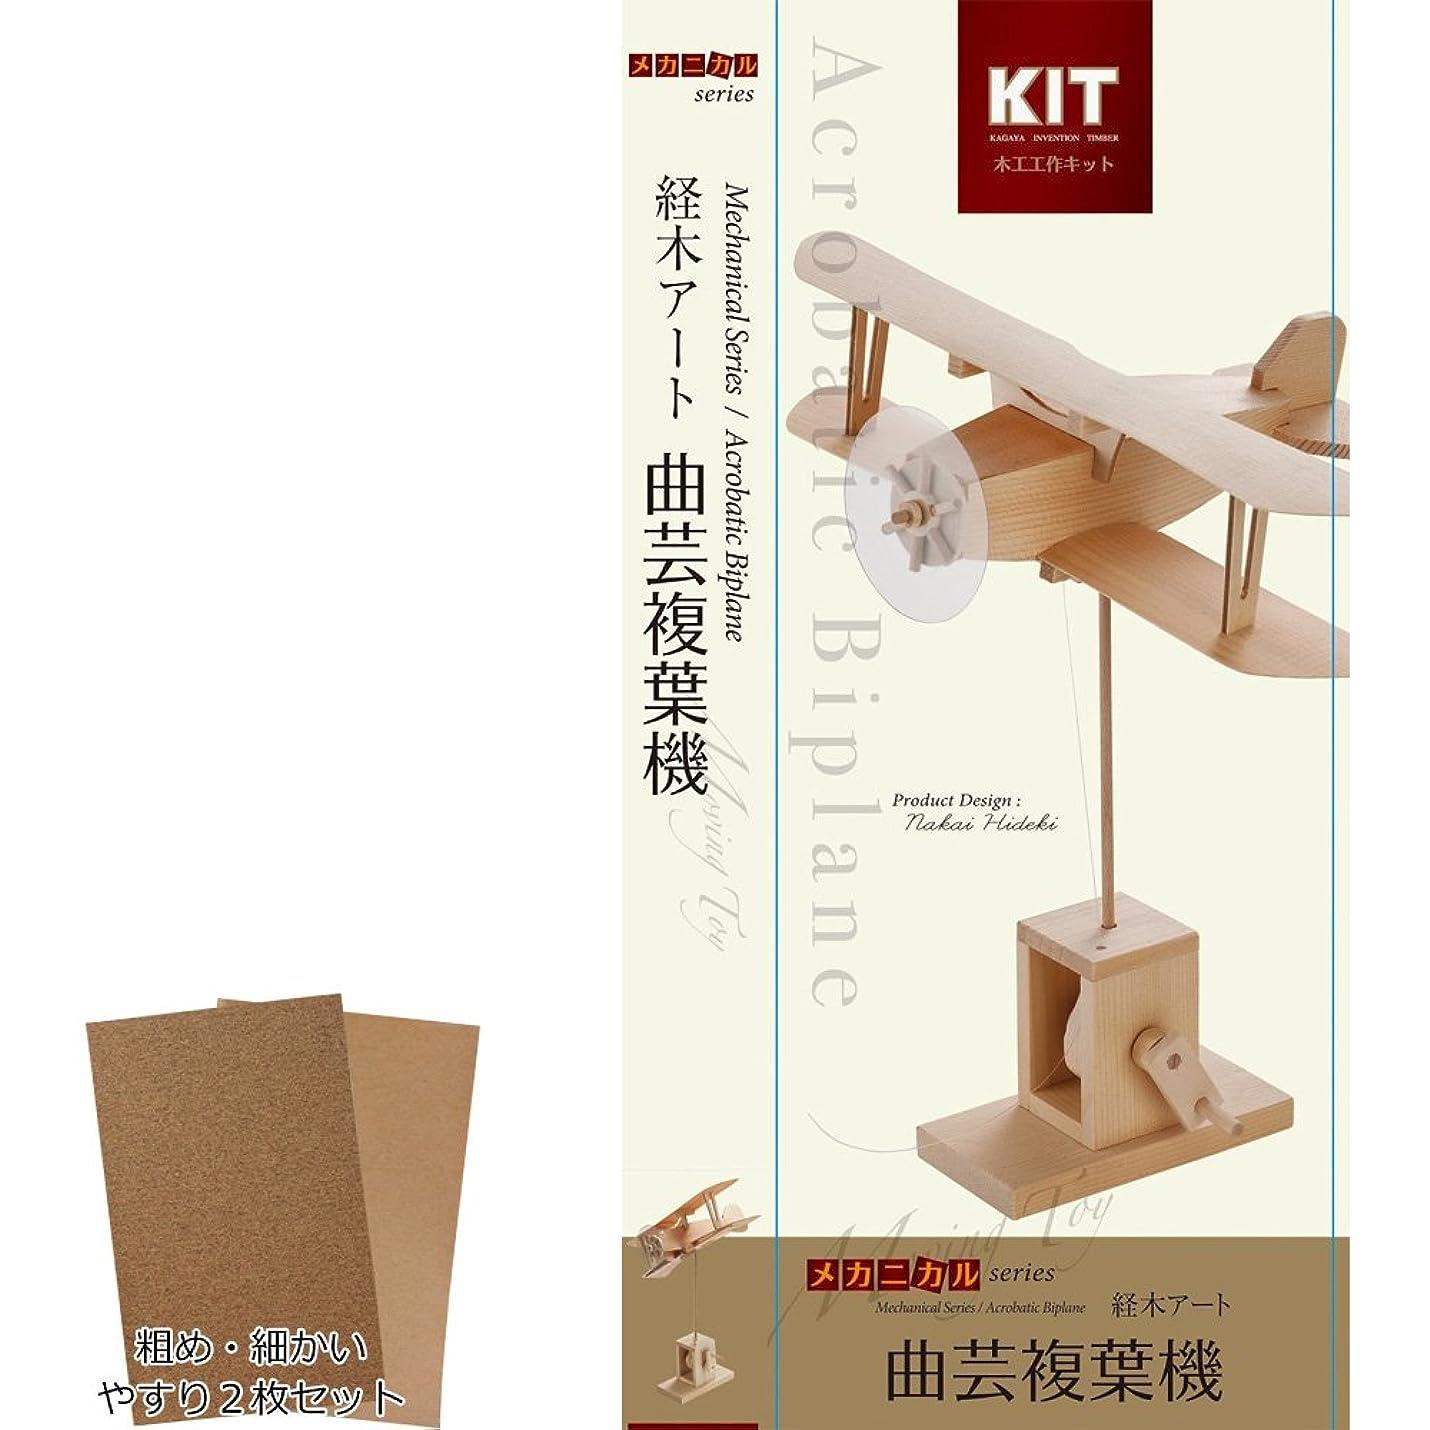 兄兵器庫モルヒネ木製工作キット メカニカルシリーズ 曲芸複葉機 201231 紙やすりセット